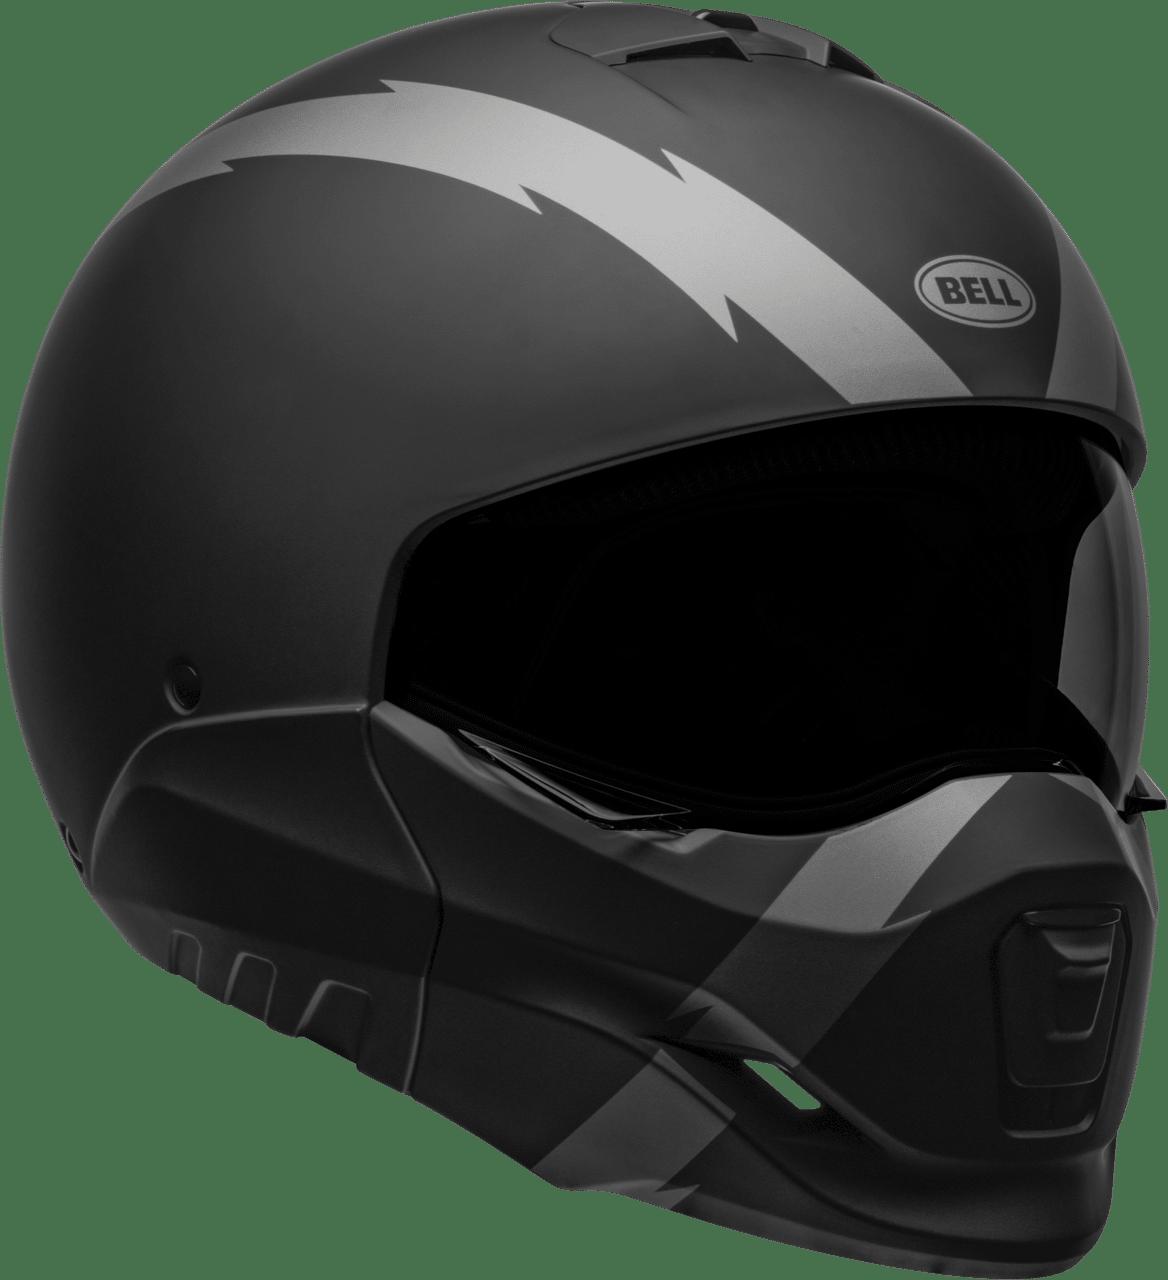 bell powersports broozer helmet